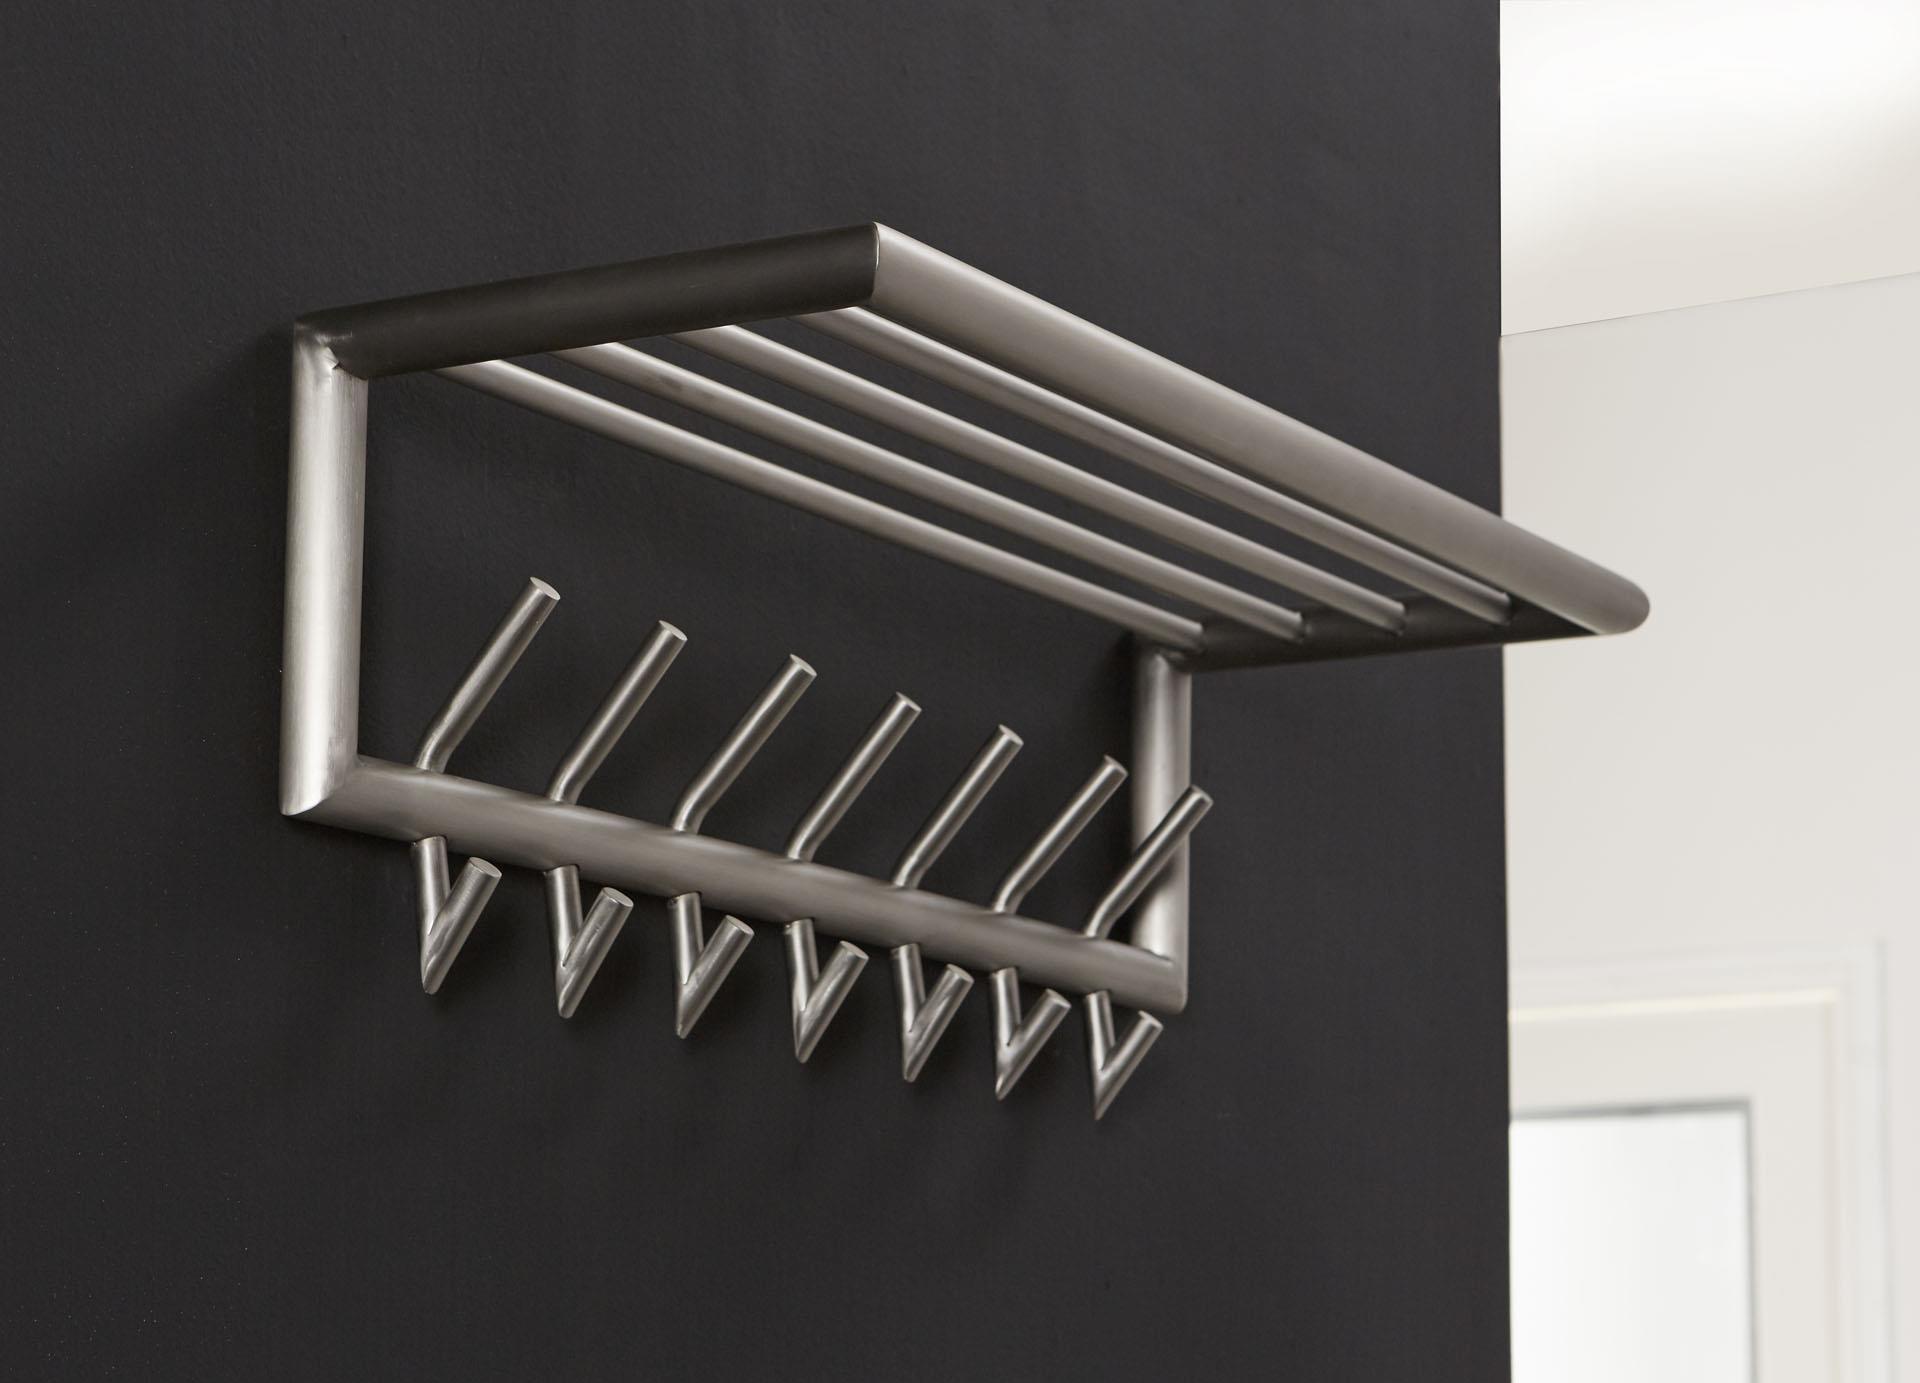 1 paire de 12 in T Tee Porte//Grille//Abri Sangle charnières en acier noironestopdi environ 30.48 cm